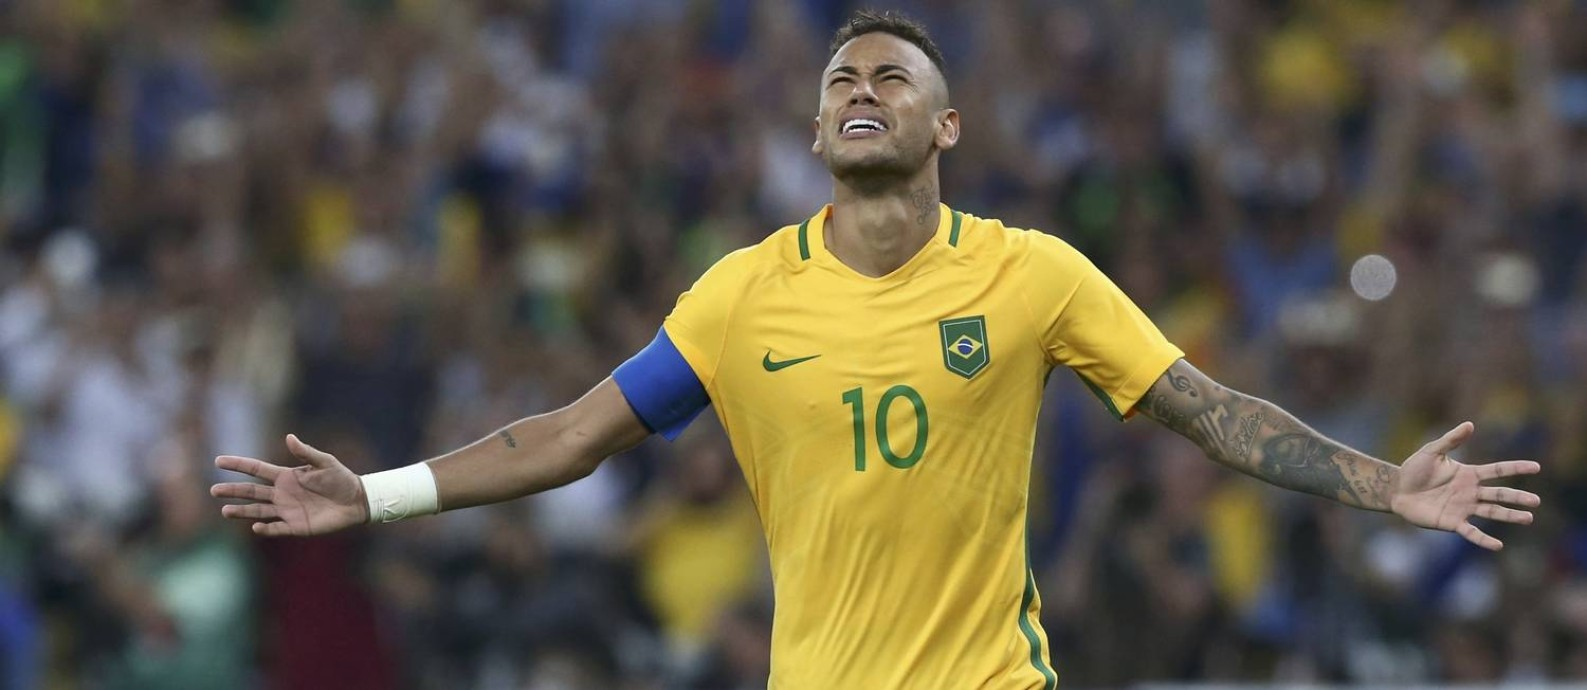 Neymar fecha os olhos e comemora o gol decisivo que marcou nas cobranças de pênalti contra a Alemanha: Brasil campeão olímpico Foto: MARCOS BRINDICCI / REUTERS